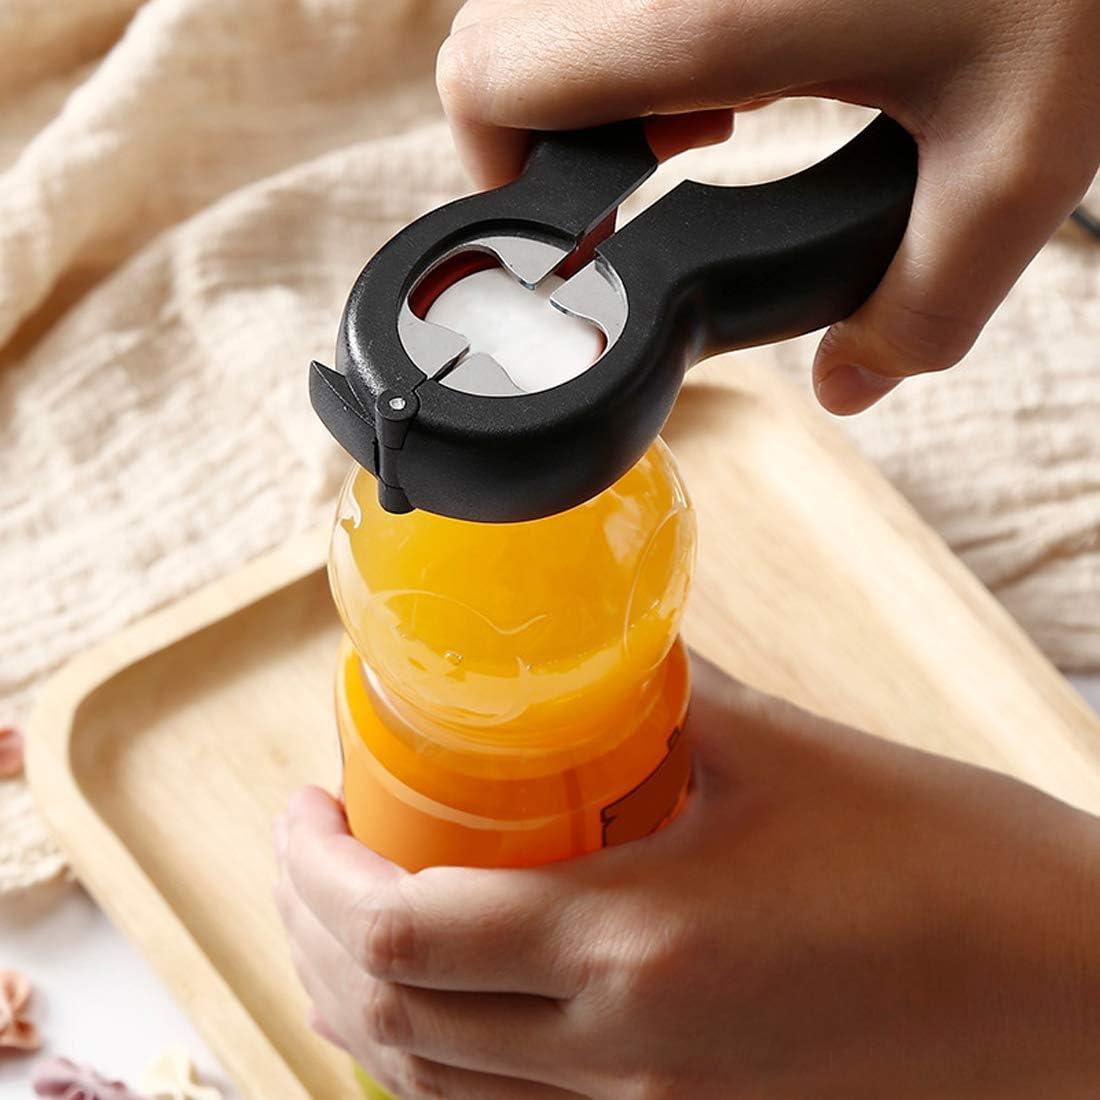 mayores 6 en 1 multifuncional puede tarro botella sellado tapas abridor para ni/ños viajes casero restaurante